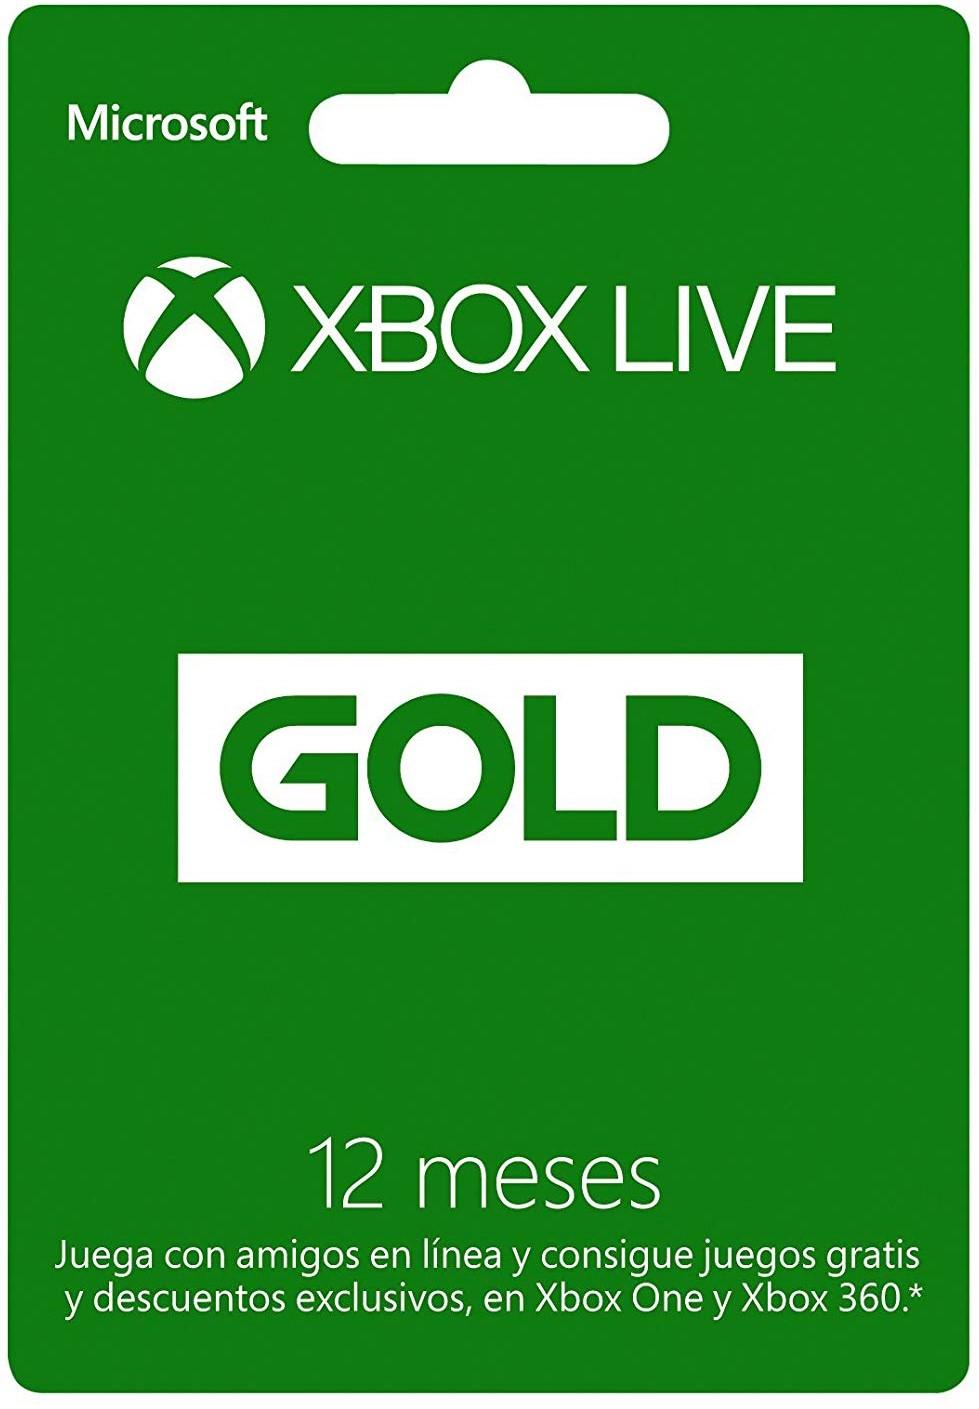 Xbox Live Gold (Suscripción de 12 meses)